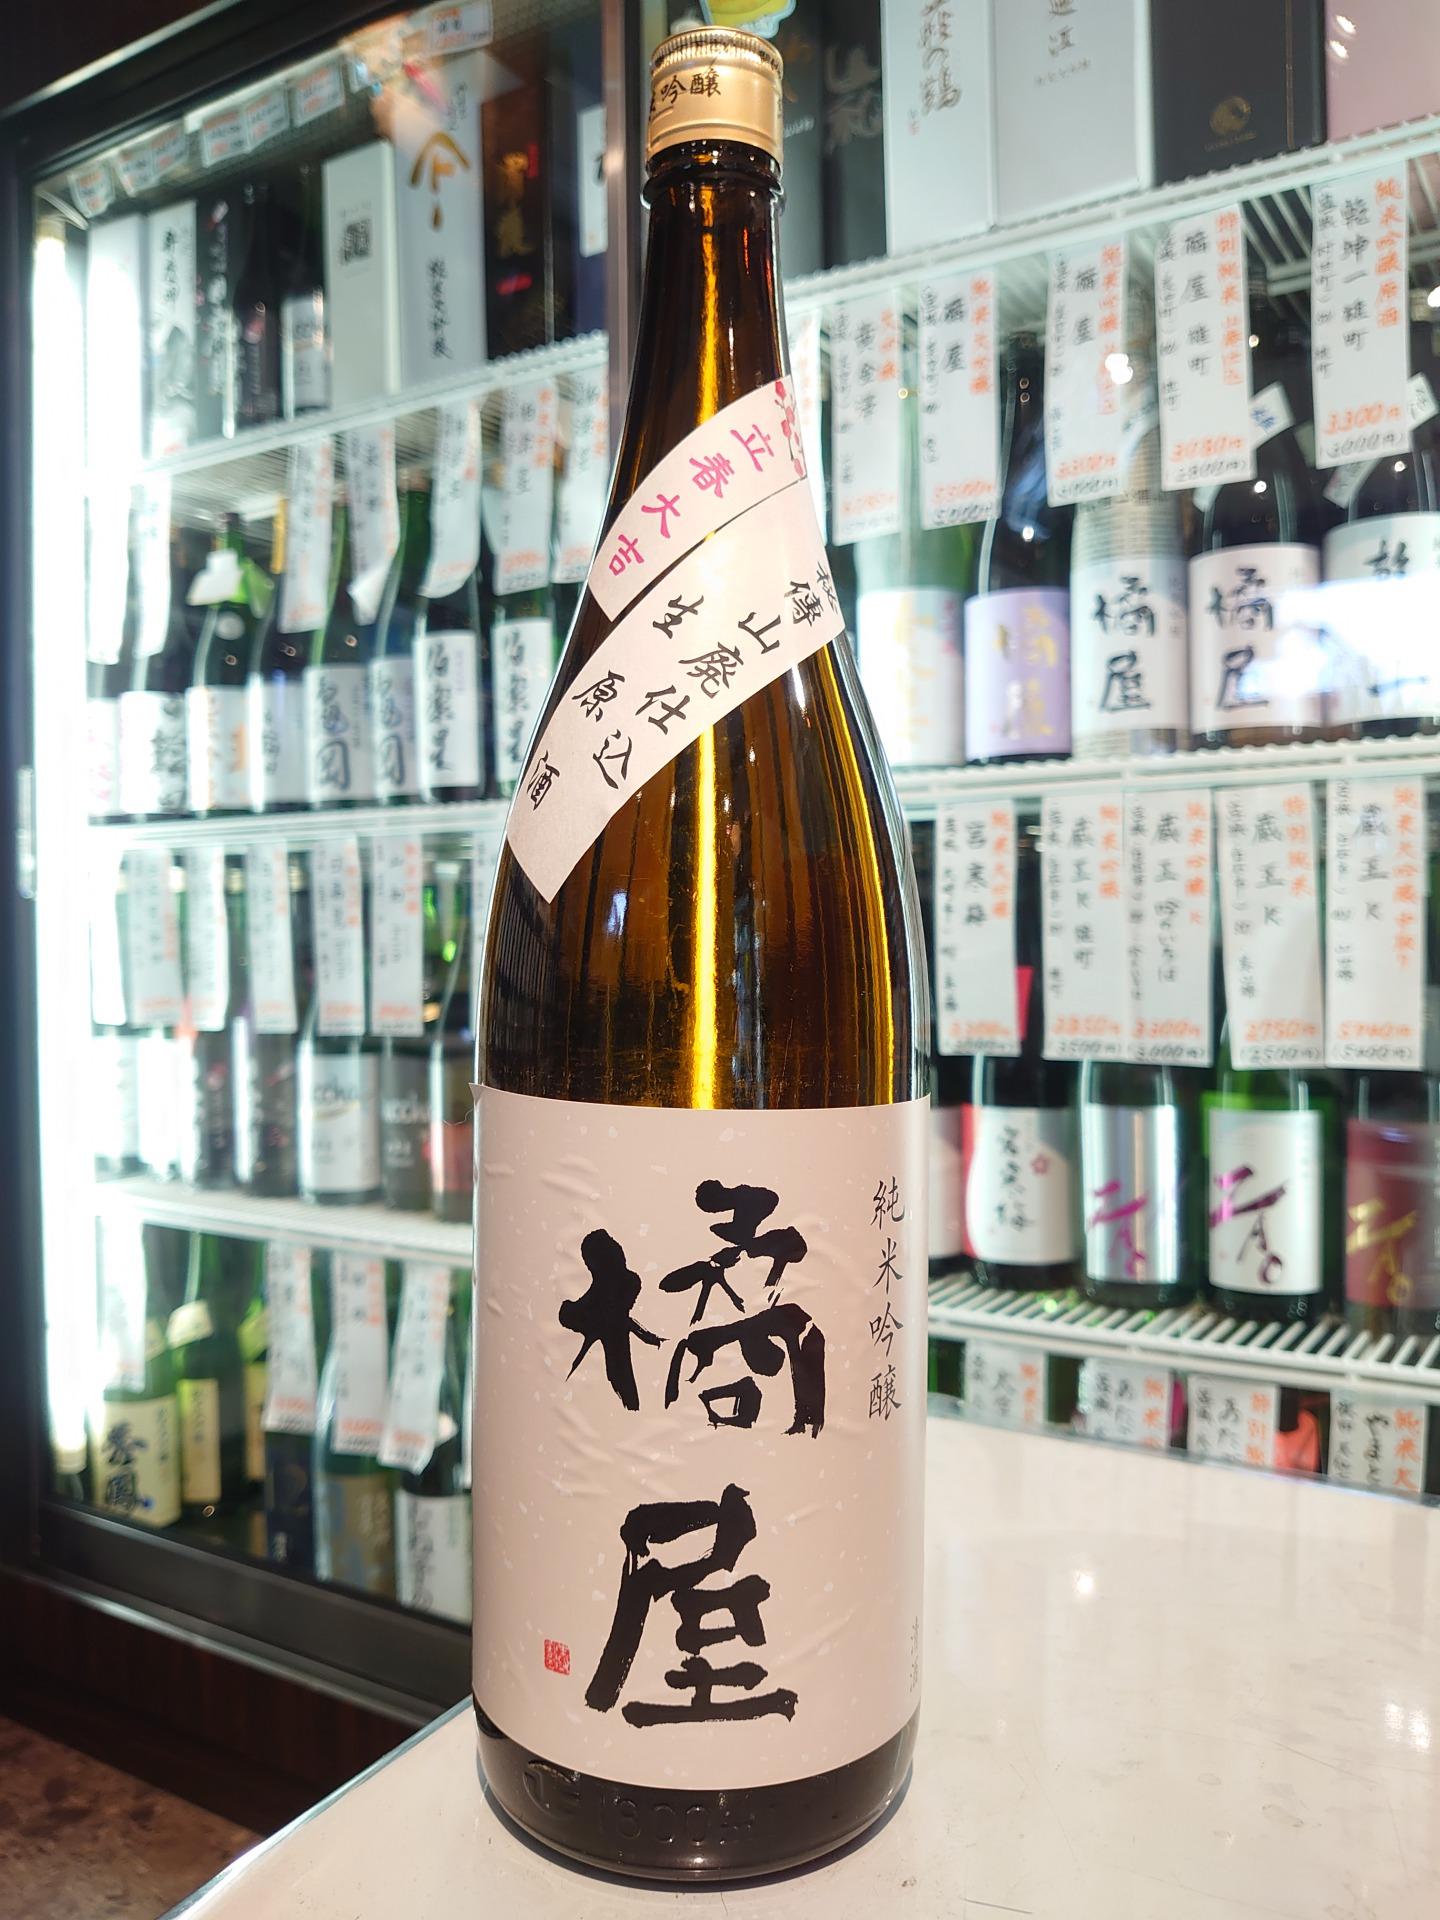 橘屋 山廃純米吟醸生原酒 立春大吉 1.8L